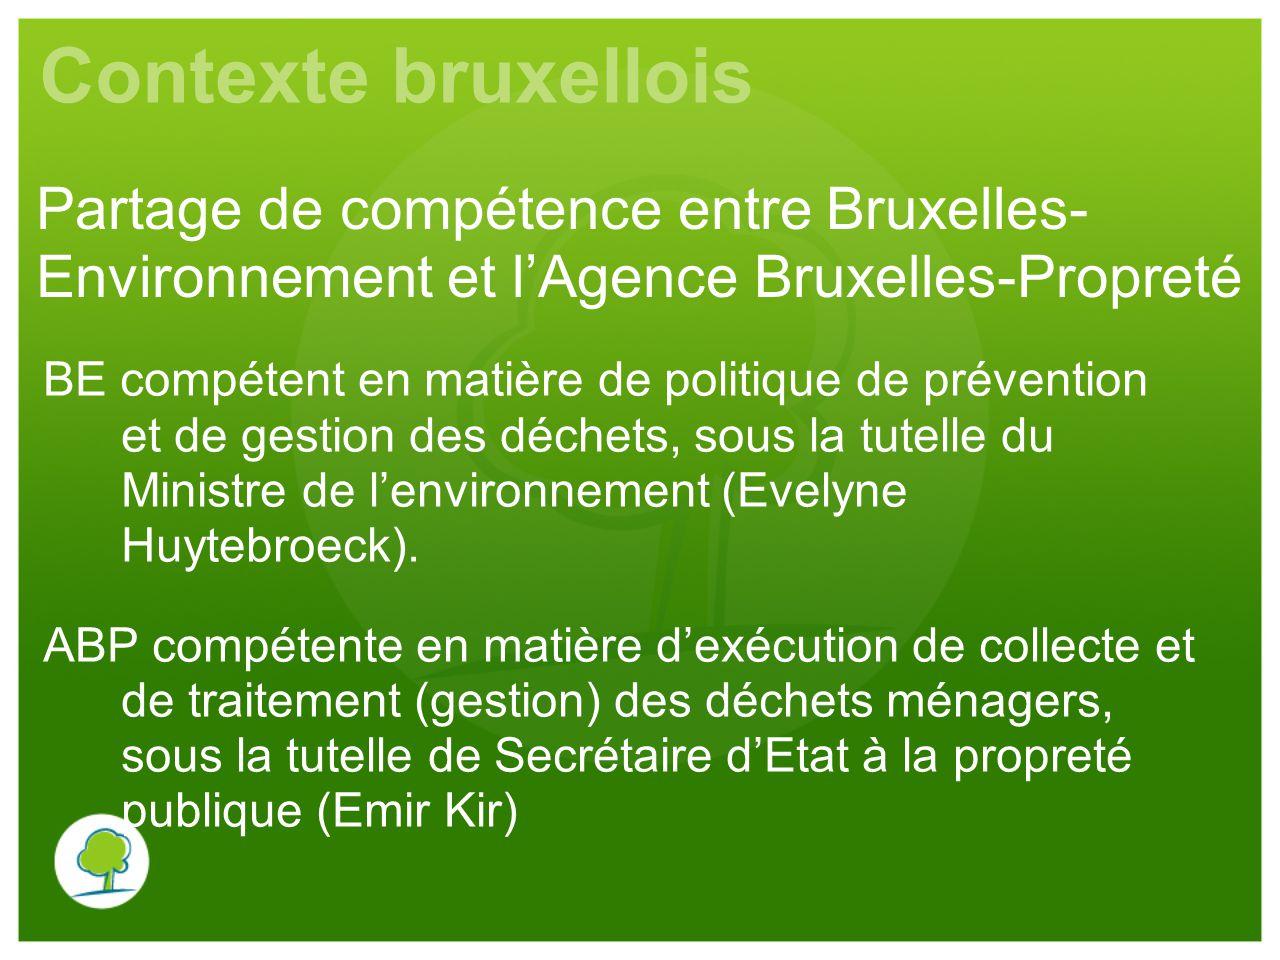 Contexte bruxellois Partage de compétence entre Bruxelles-Environnement et l'Agence Bruxelles-Propreté.